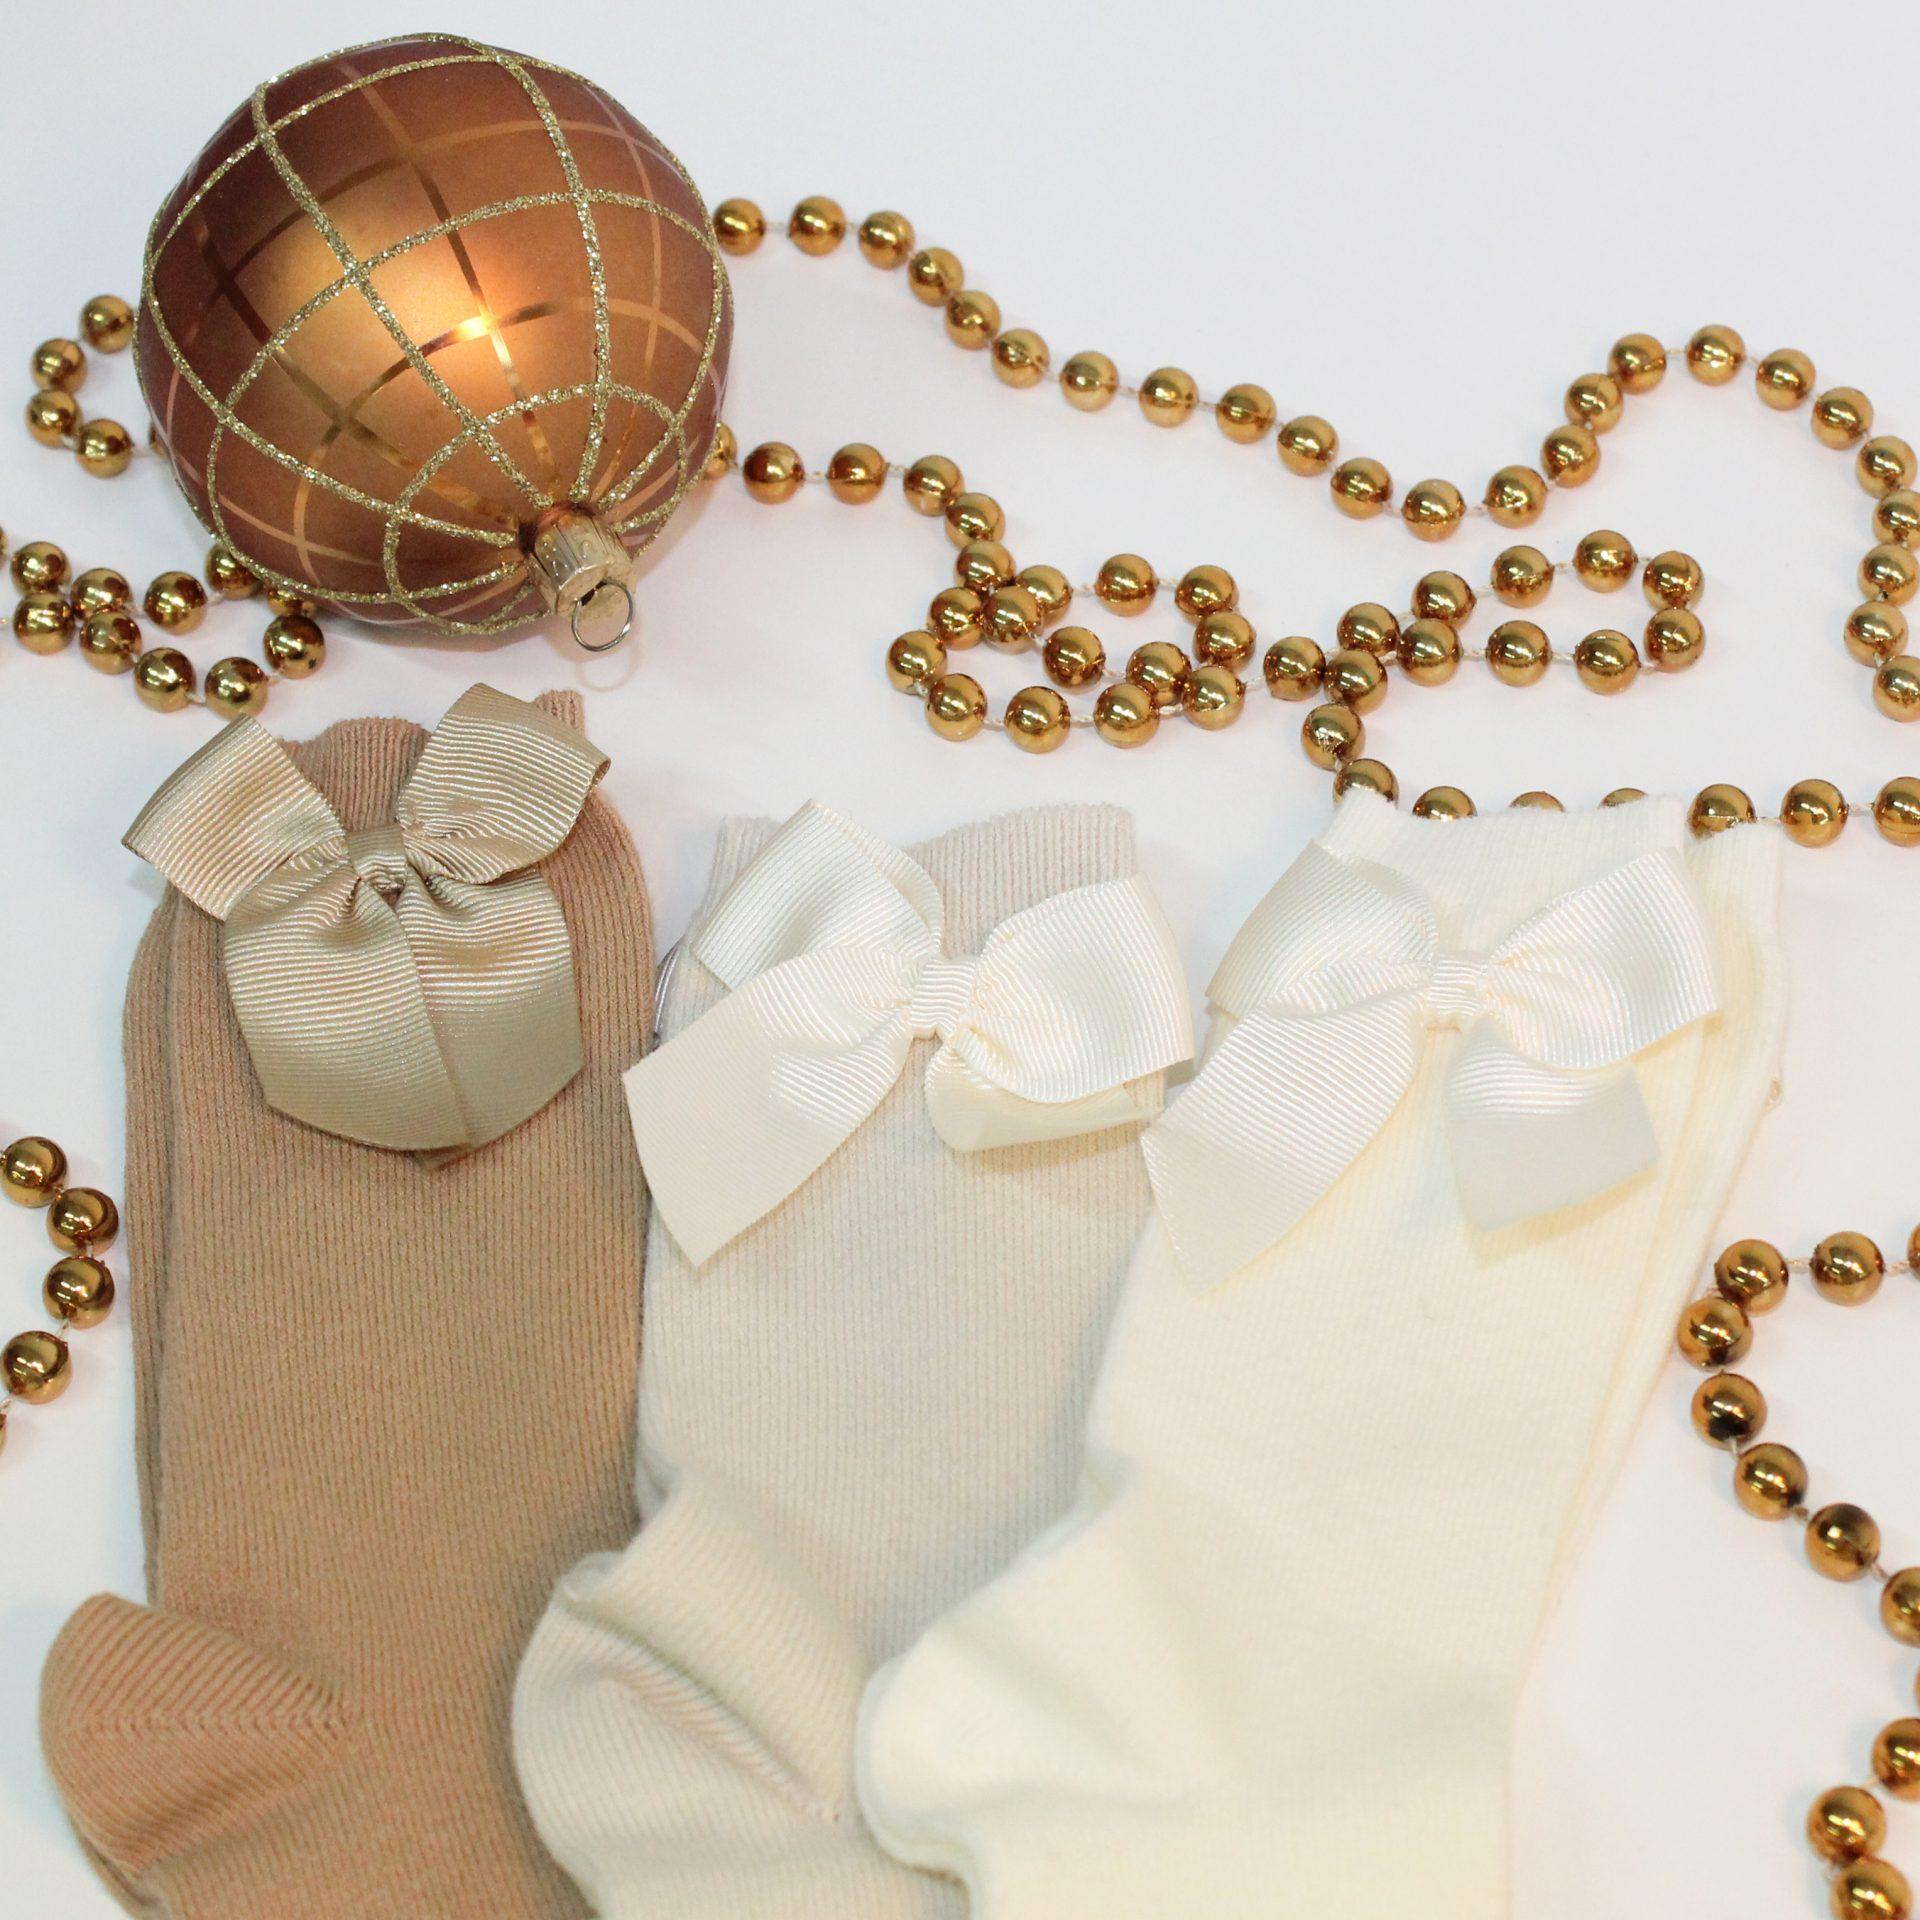 Lazos grandes btnow lote de lazos de organza grandes de cm de ancho para peluche fiesta with - Lazos grandes para regalos ...